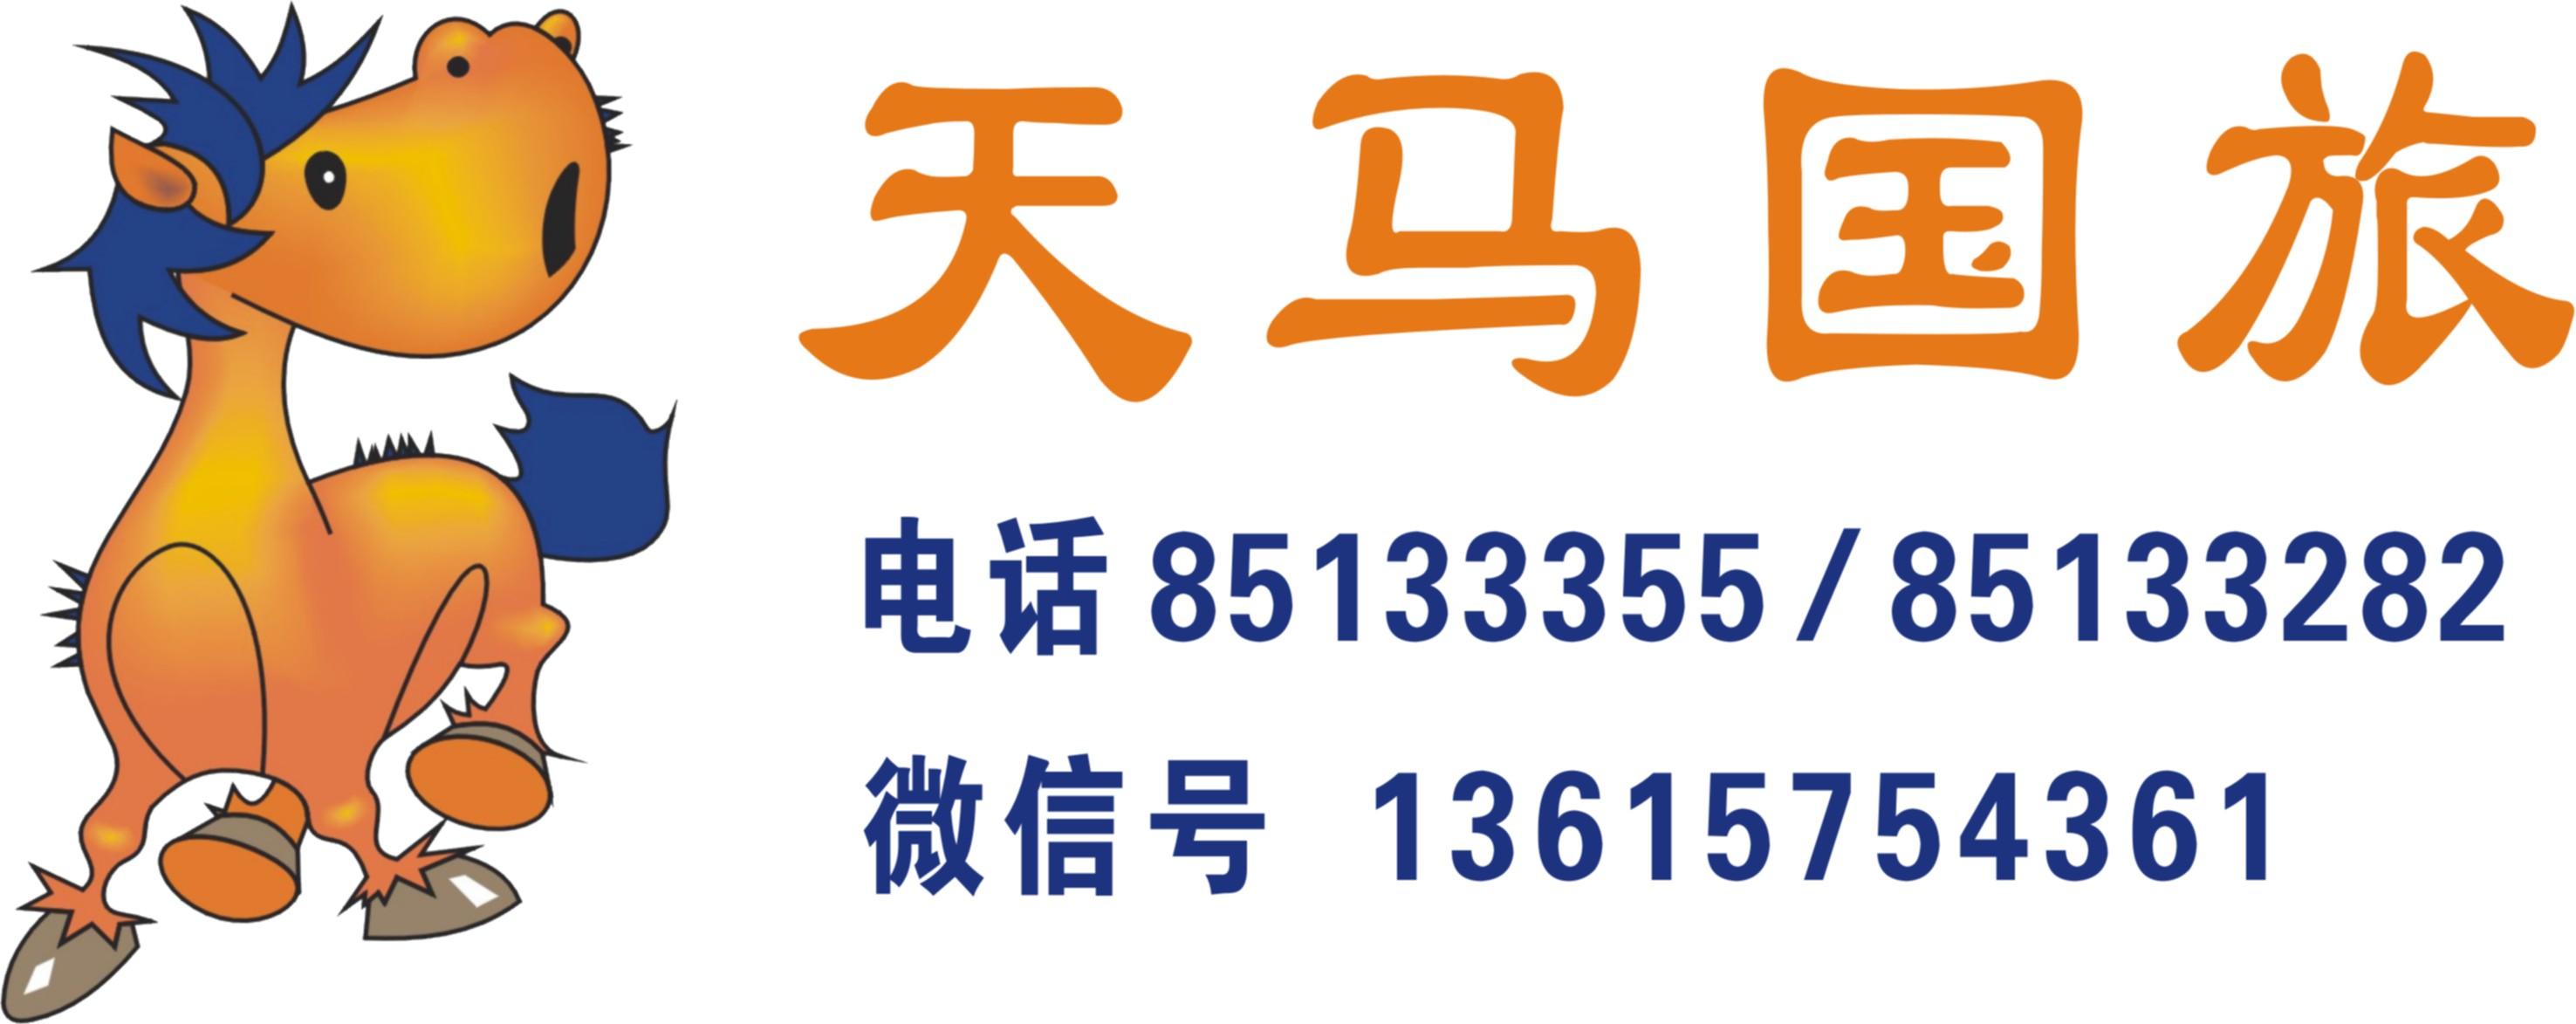 2.3【泉厦跨年-泉州、鼓浪屿、动物王国四日】主题房+200